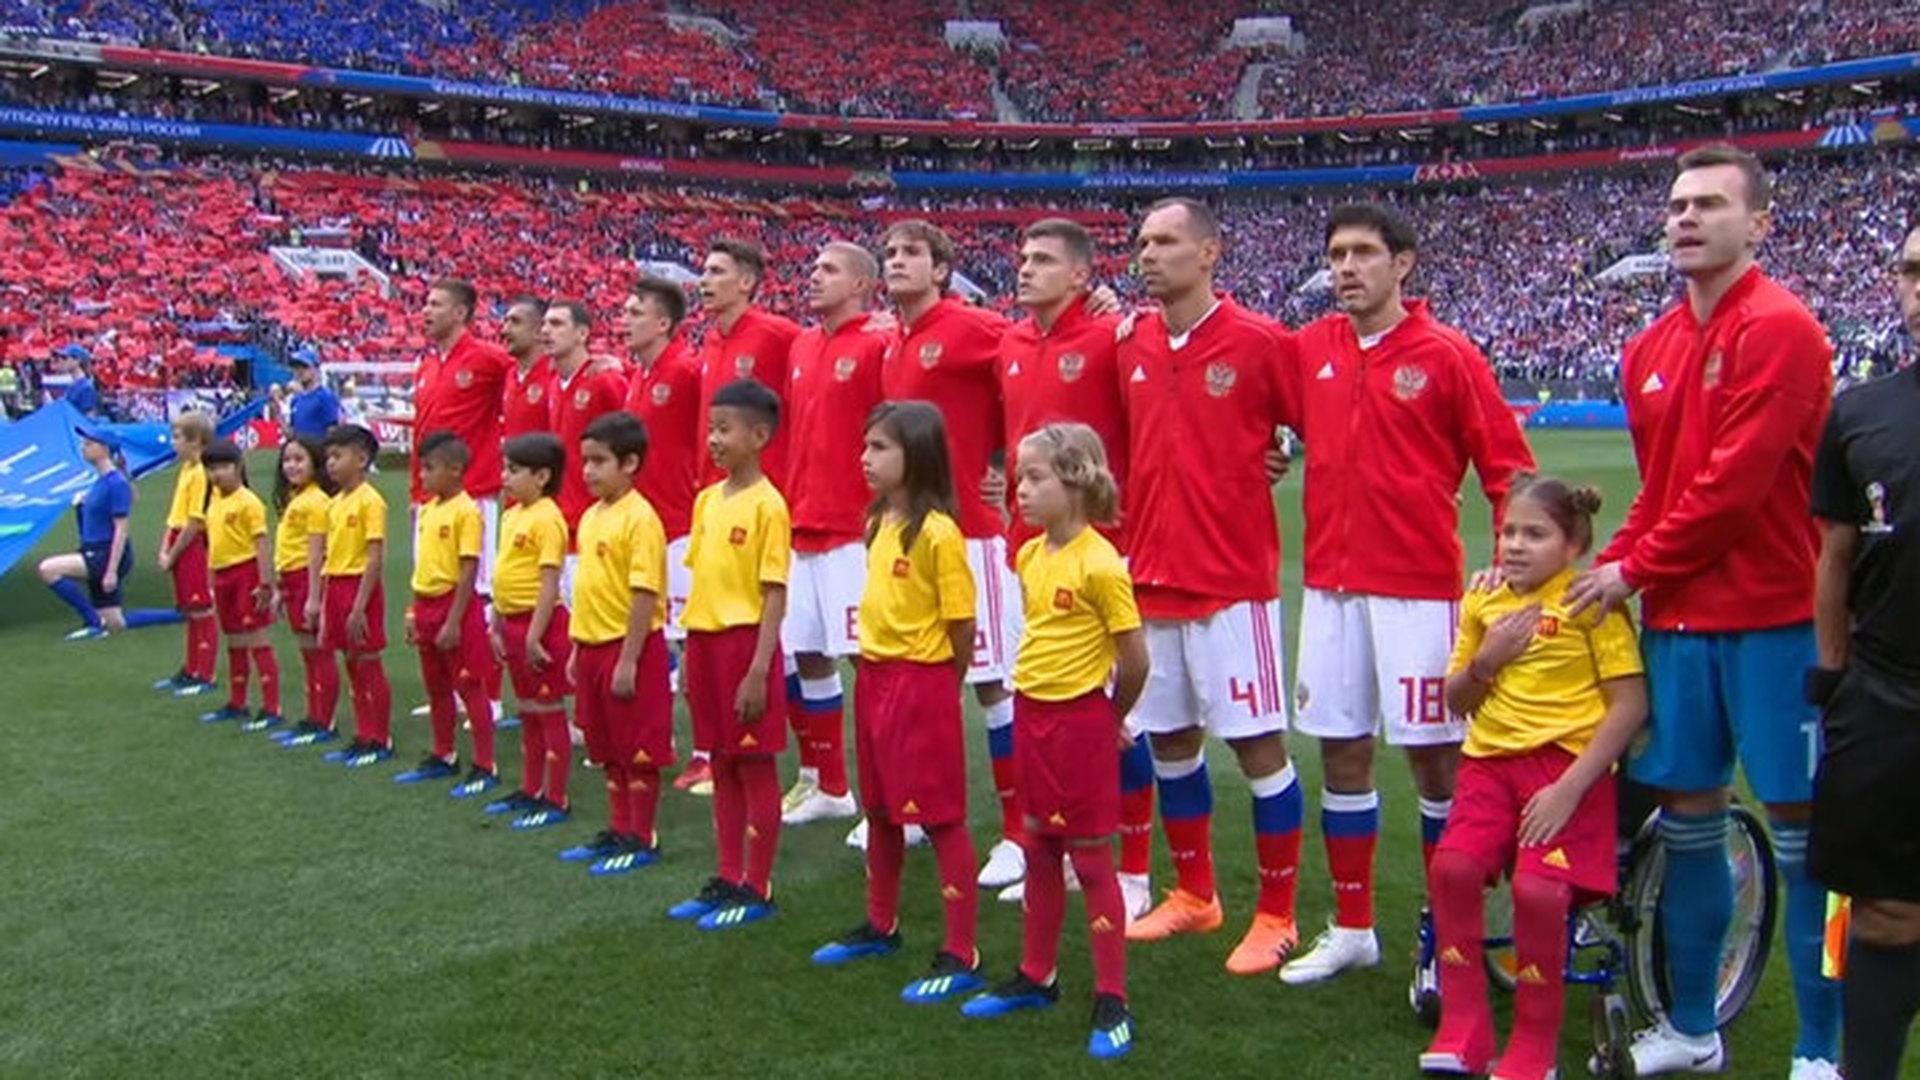 Сборная России стартовала на чемпионате мира матчем против Саудовской Аравии